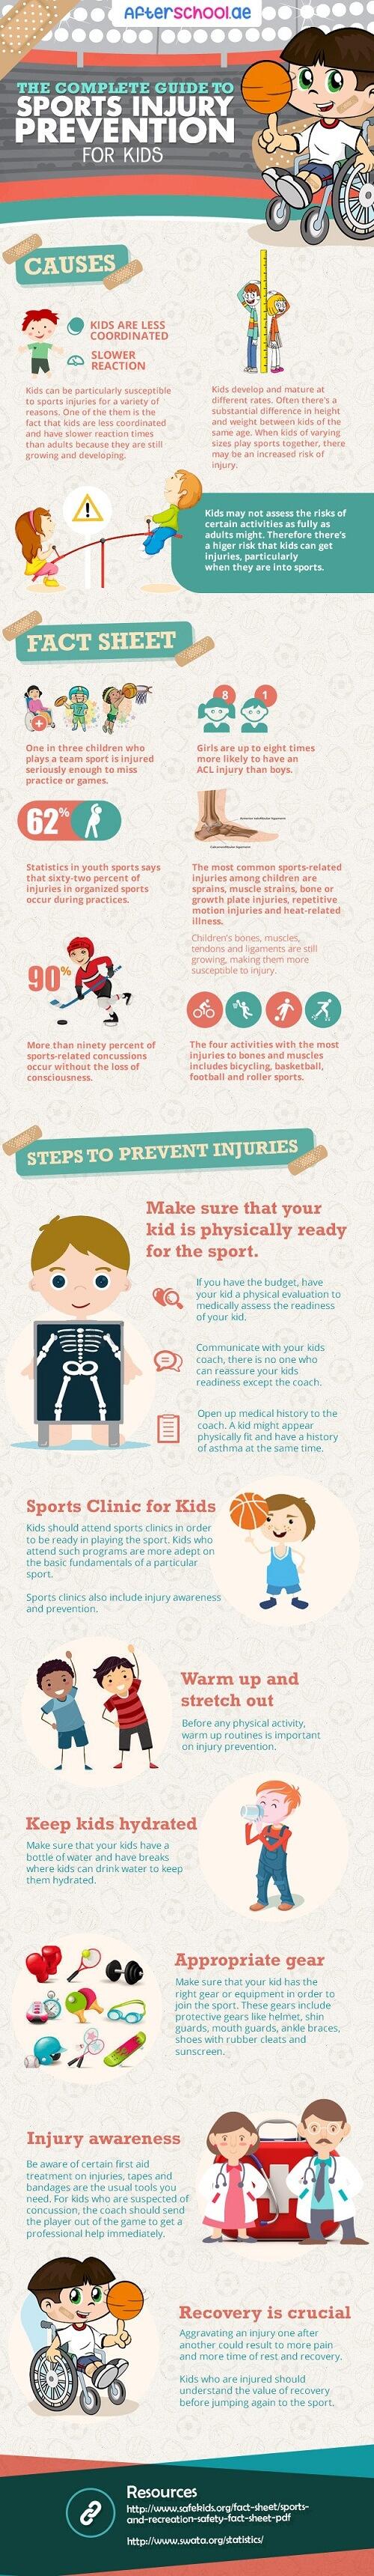 Consejos para prevenir lesiones de invierno en niños infografia (1)